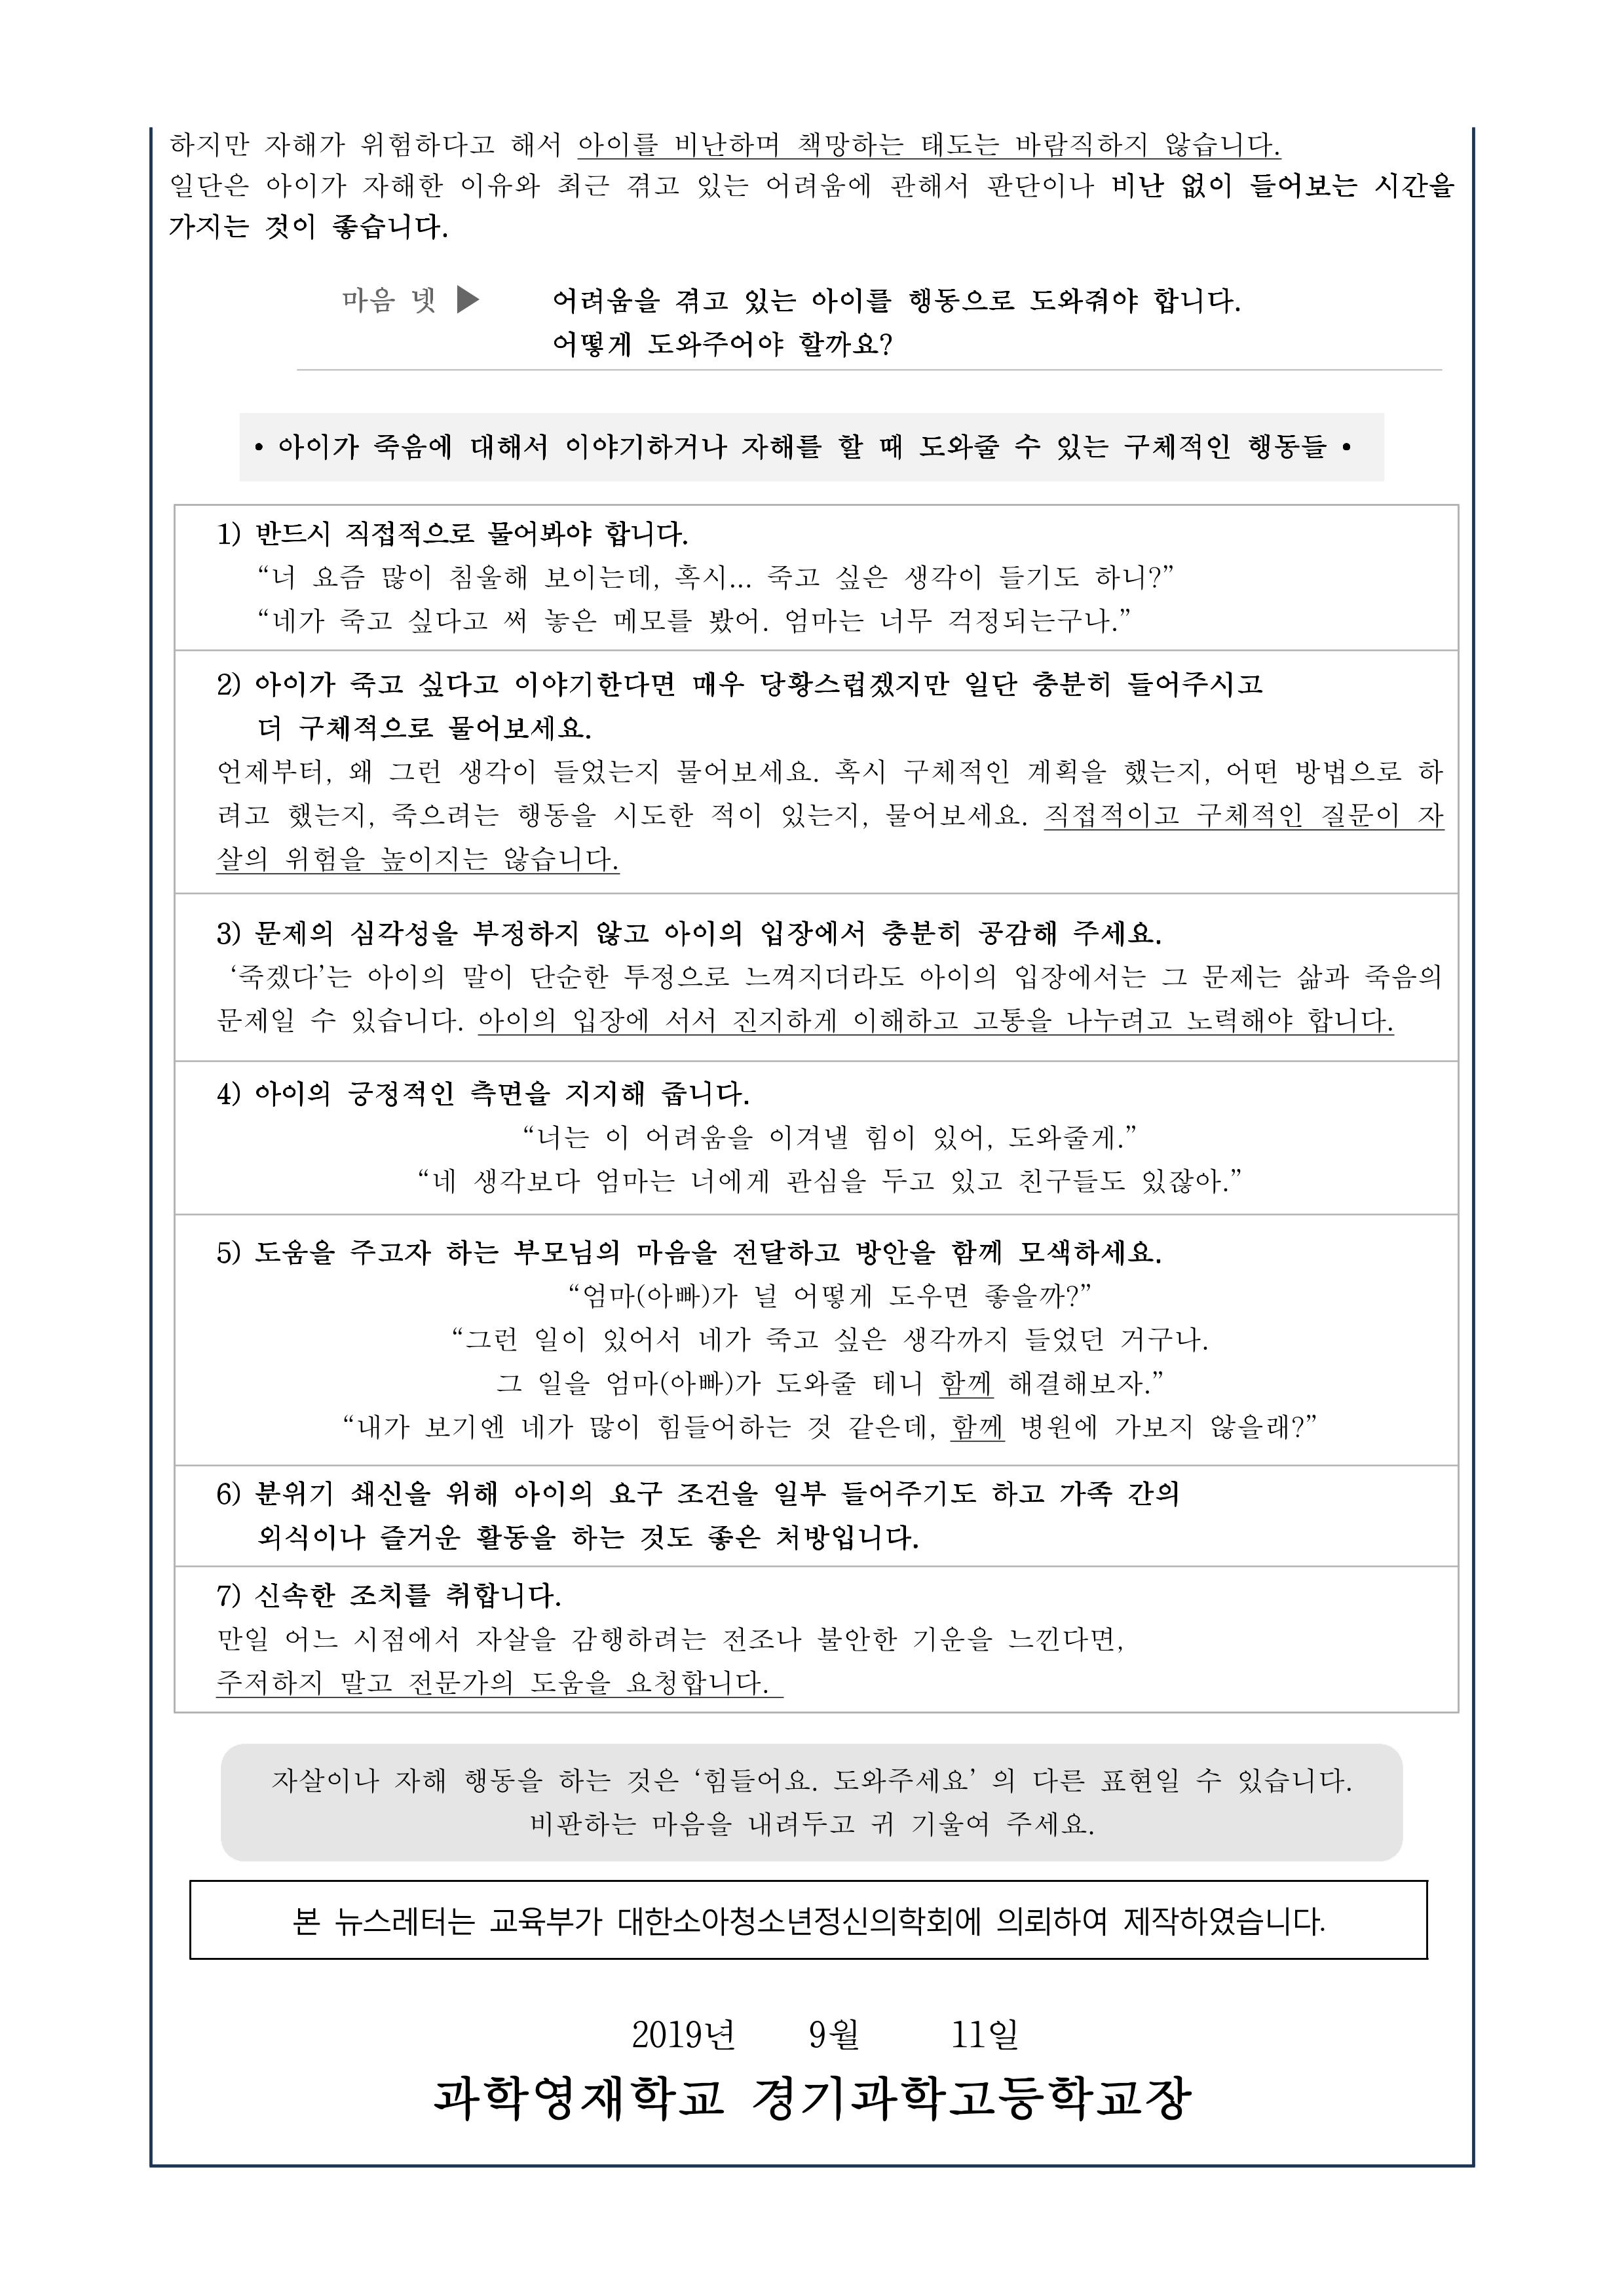 뉴스레터 자녀사랑하기 제2019-6호 가정통신문 1Page.